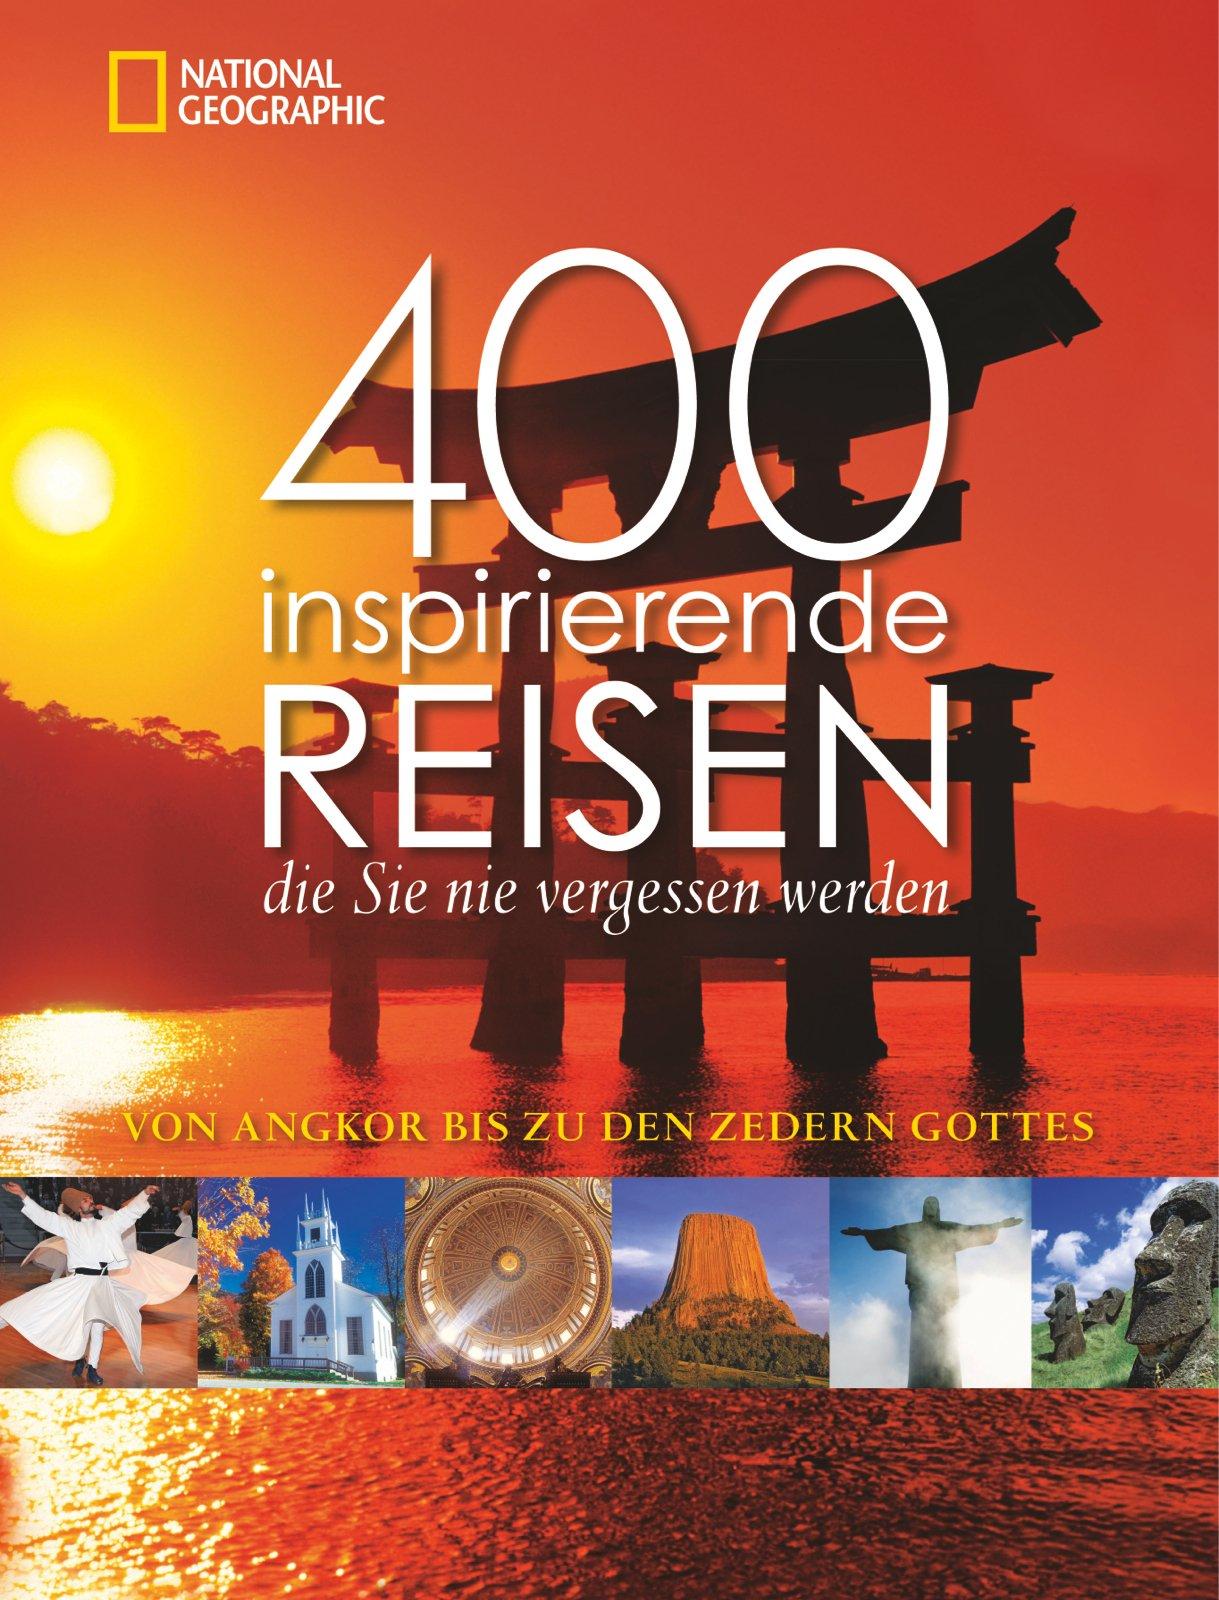 400 inspirierende Reisen, die Sie nie vergessen werden: Von Angkor bis zu den Zedern Gottes. Vorw. v. Keith Bellows